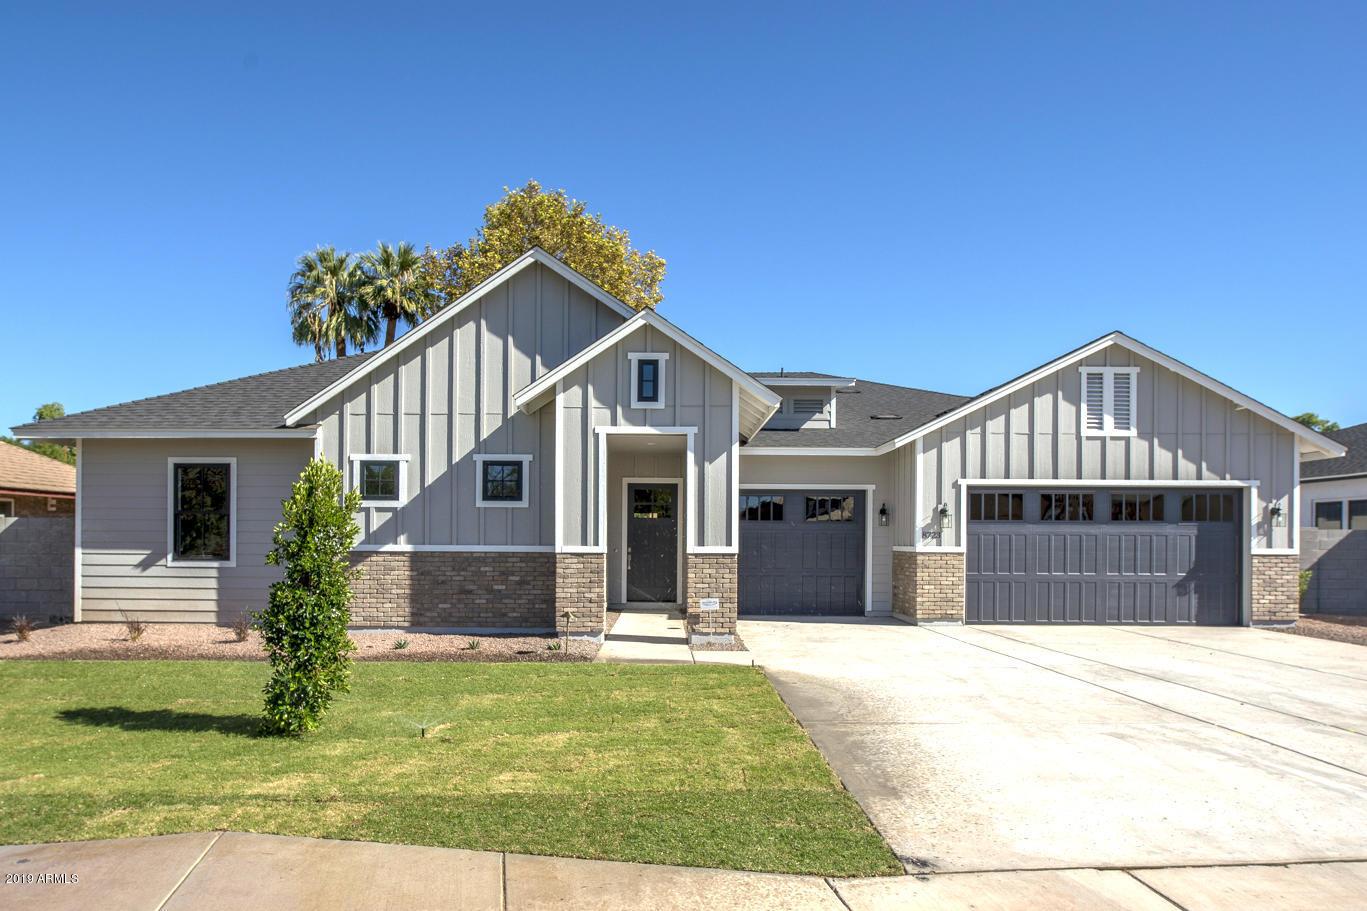 8723 N 9TH Avenue, North Mountain-Phoenix, Arizona